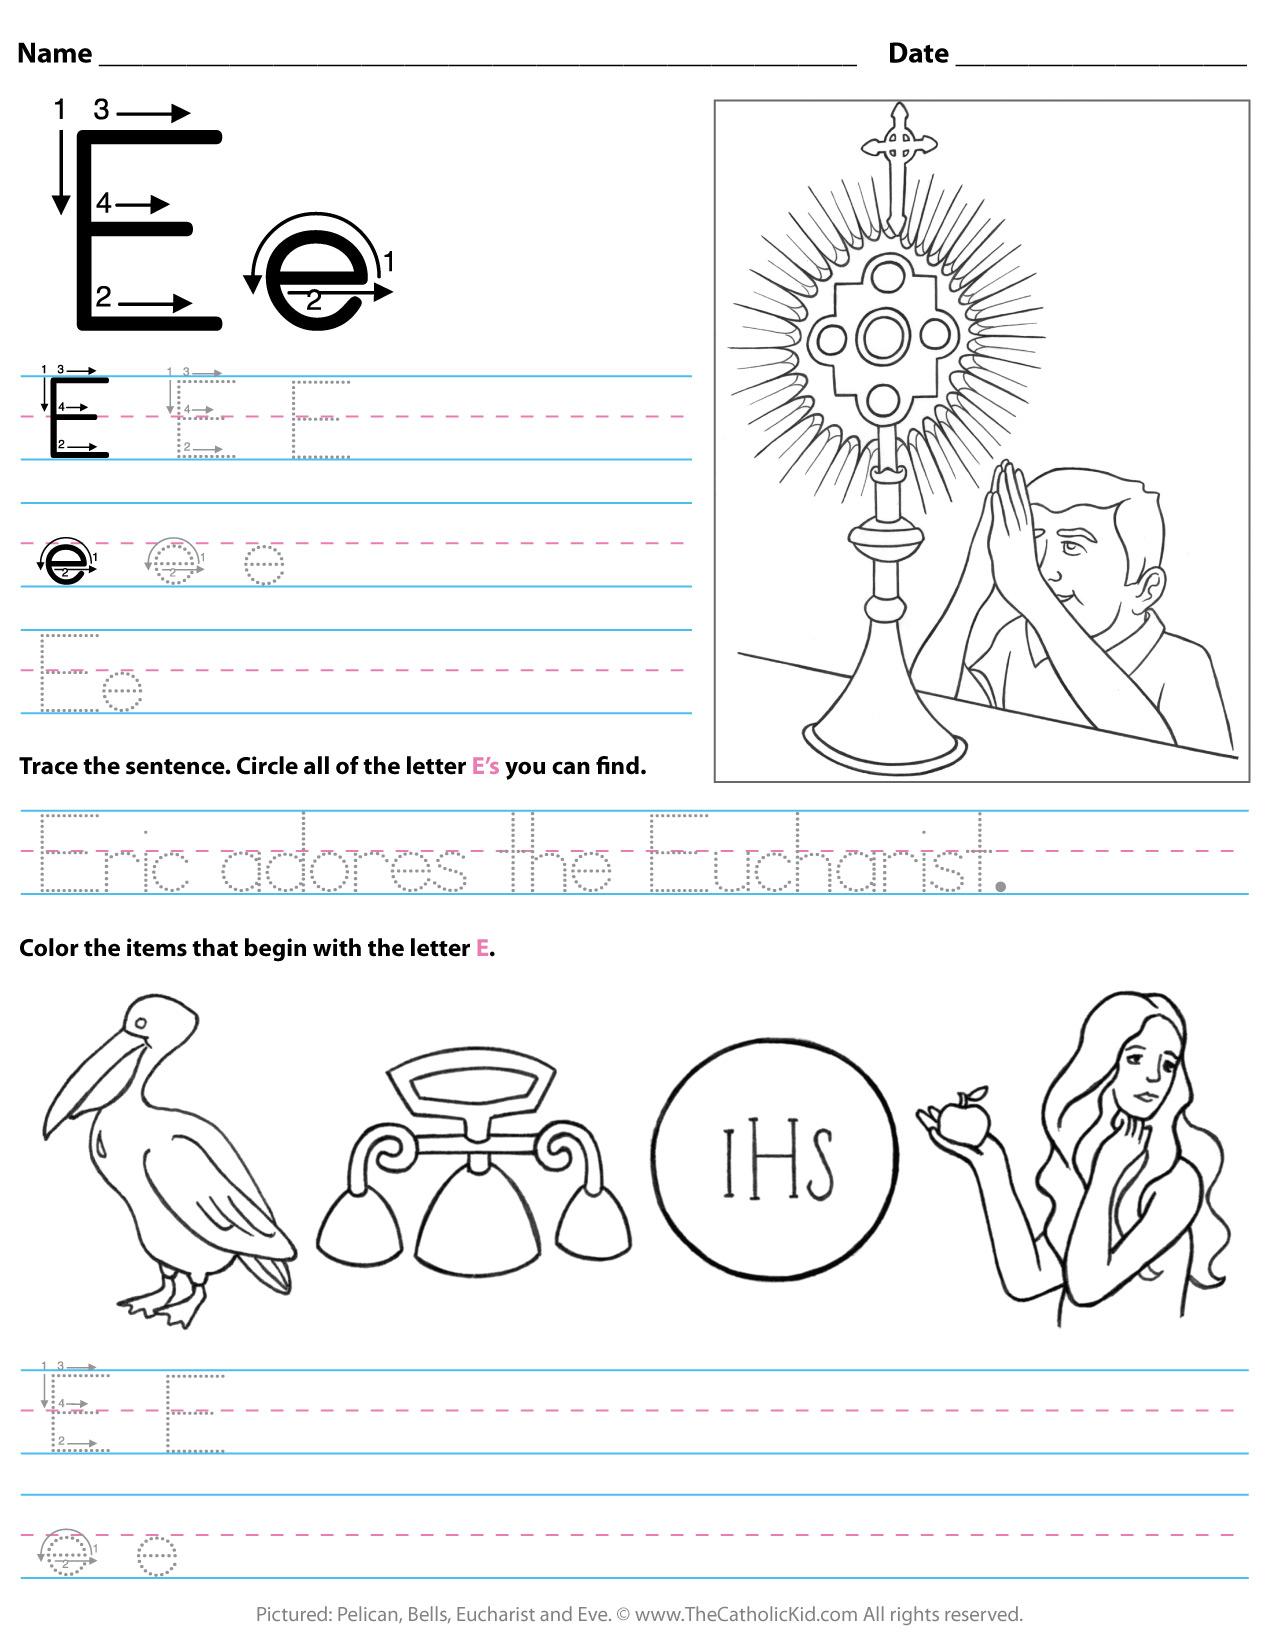 Catholic Alphabet Letter E Worksheet Preschool Kindergarten intended for Letter I Worksheets For Preschool